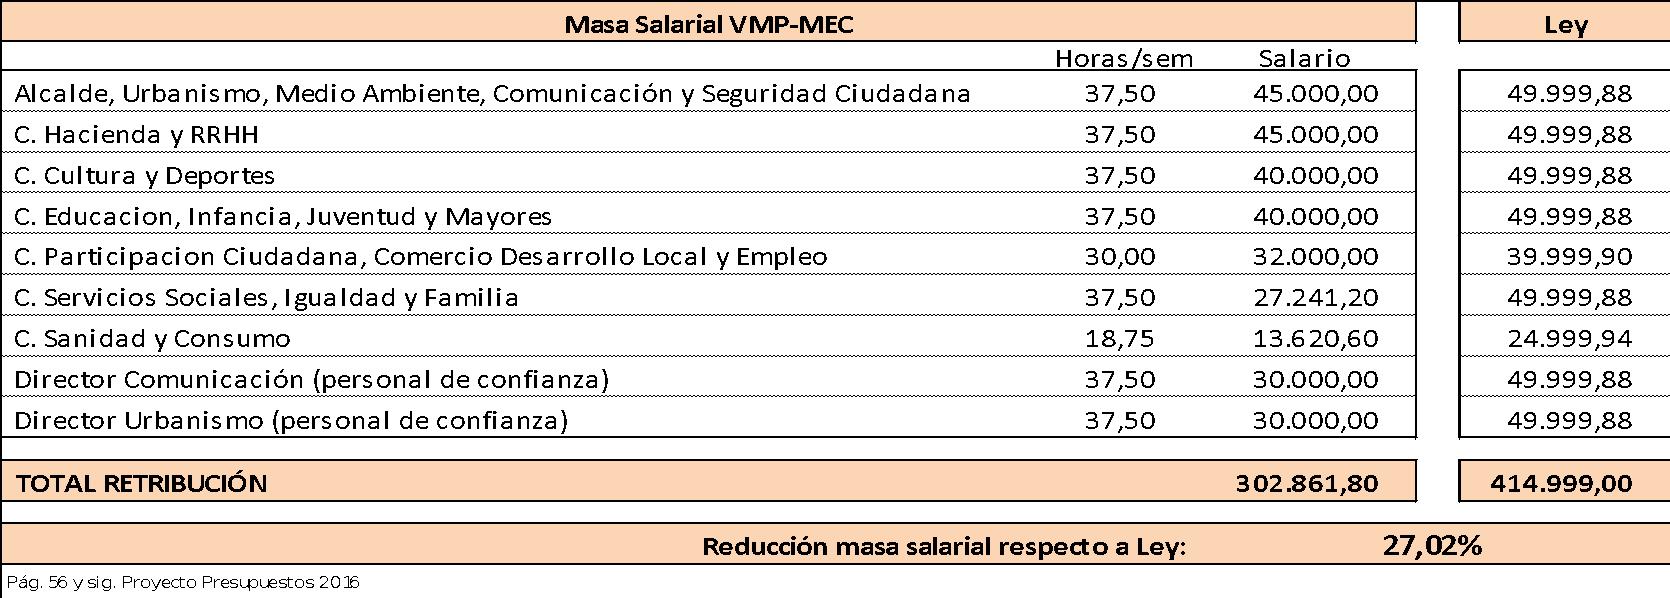 Masa salarial VMP-MeC